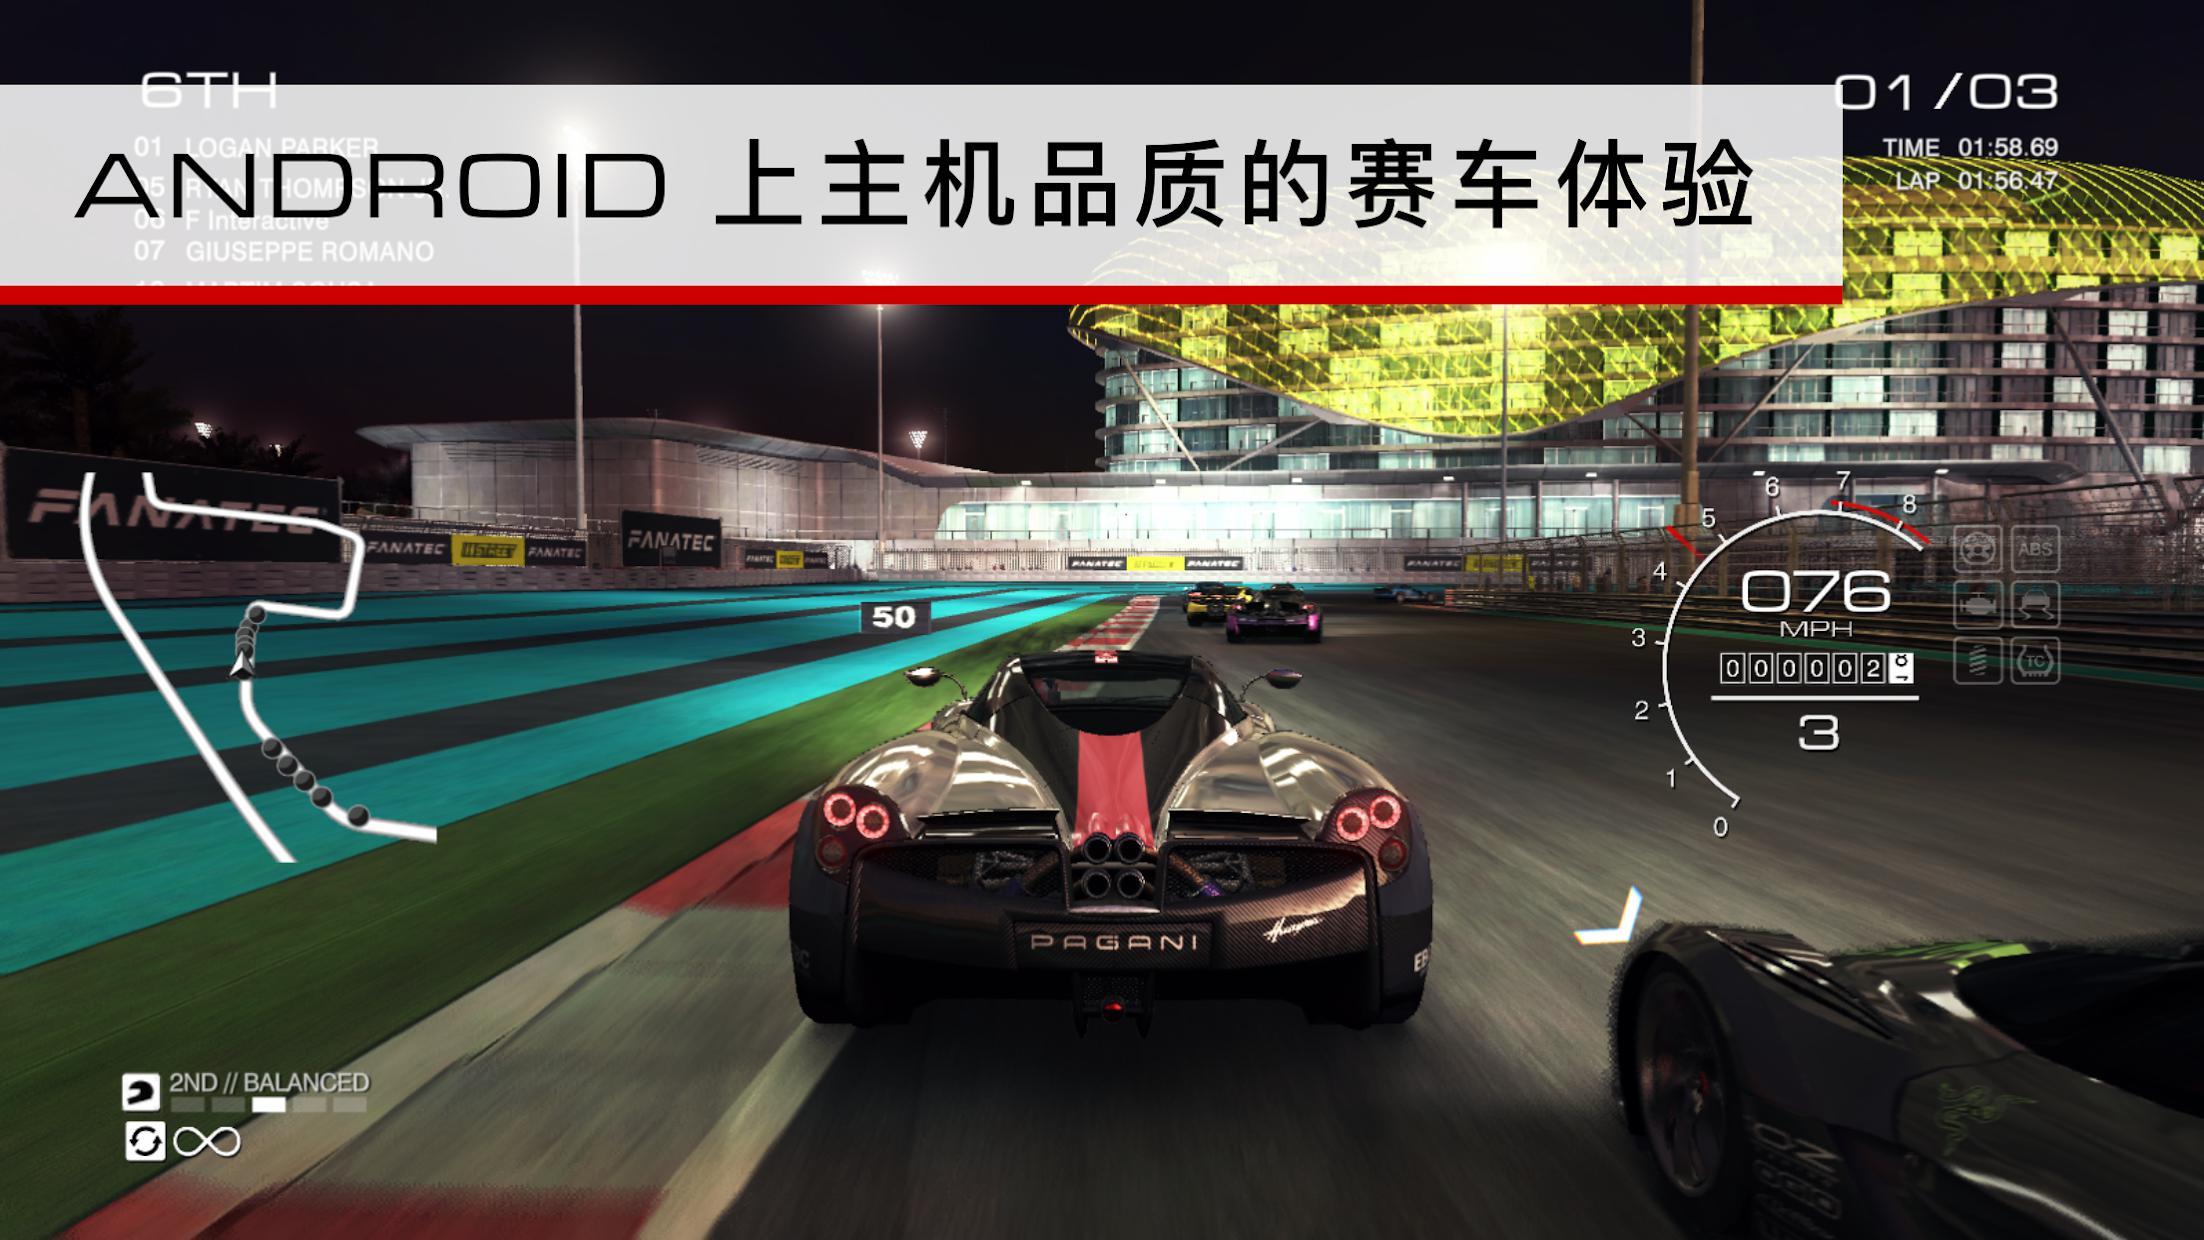 超级房车赛:汽车运动(GRID) 游戏截图1